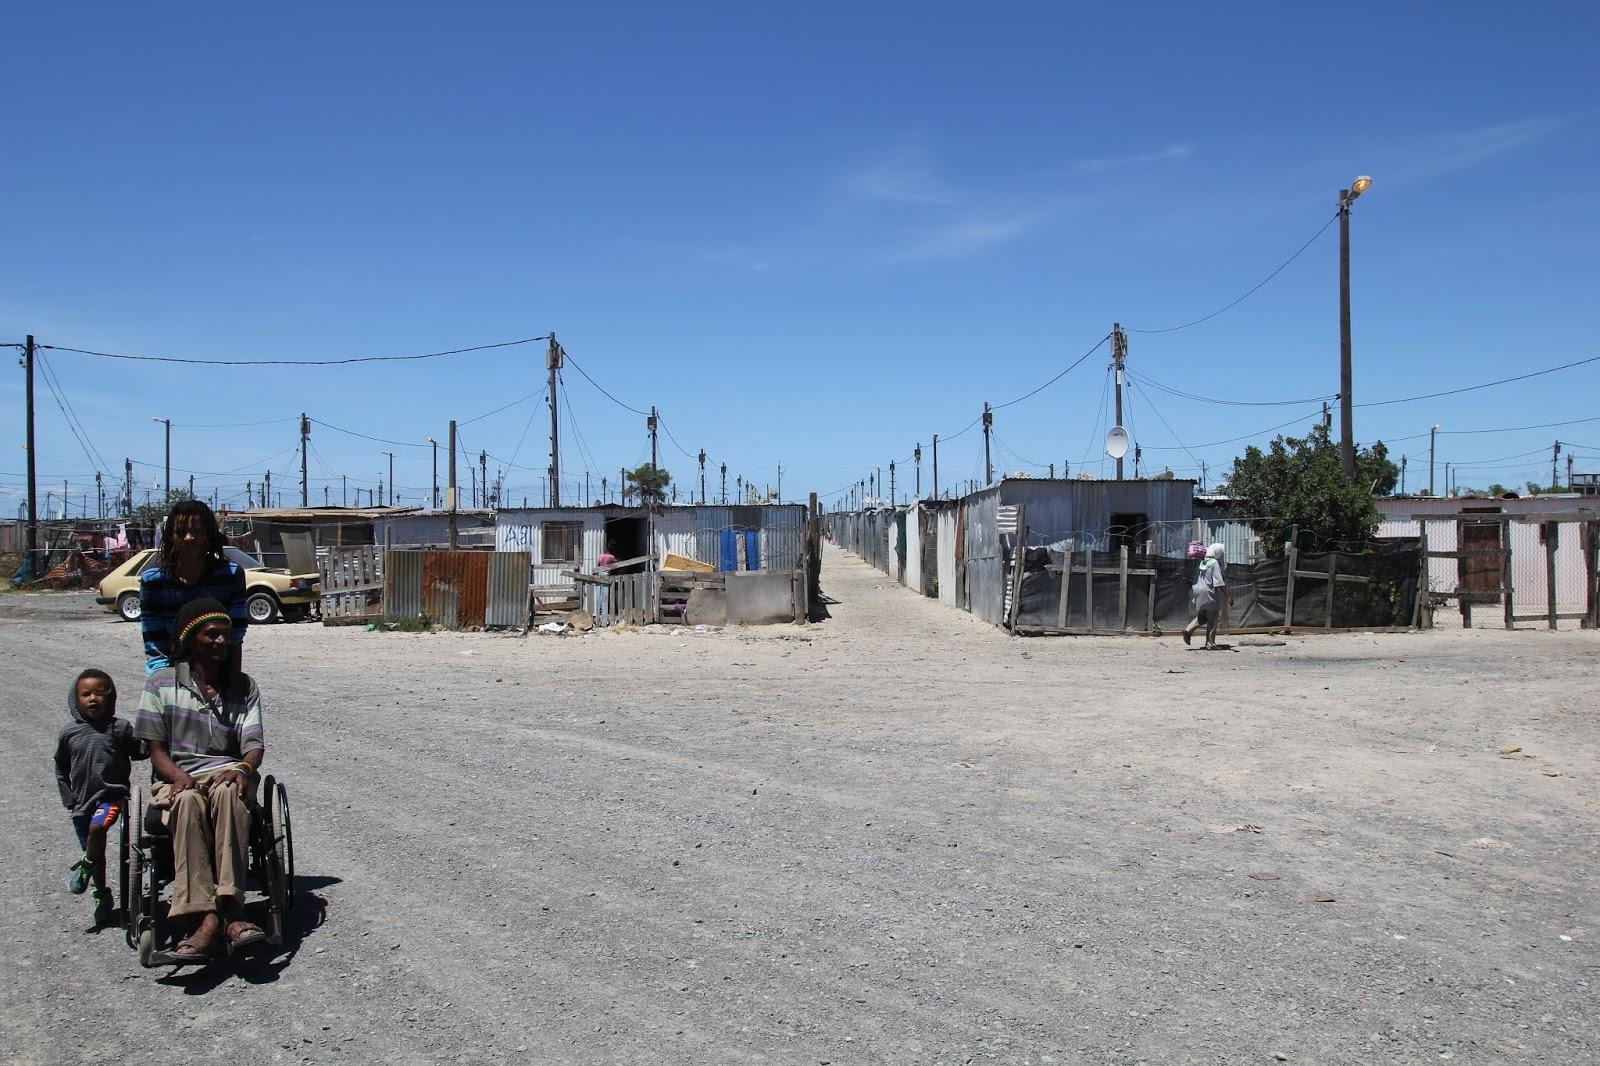 África do Sul na encruzilhada da xenofobia, violência e mentalidade mítica